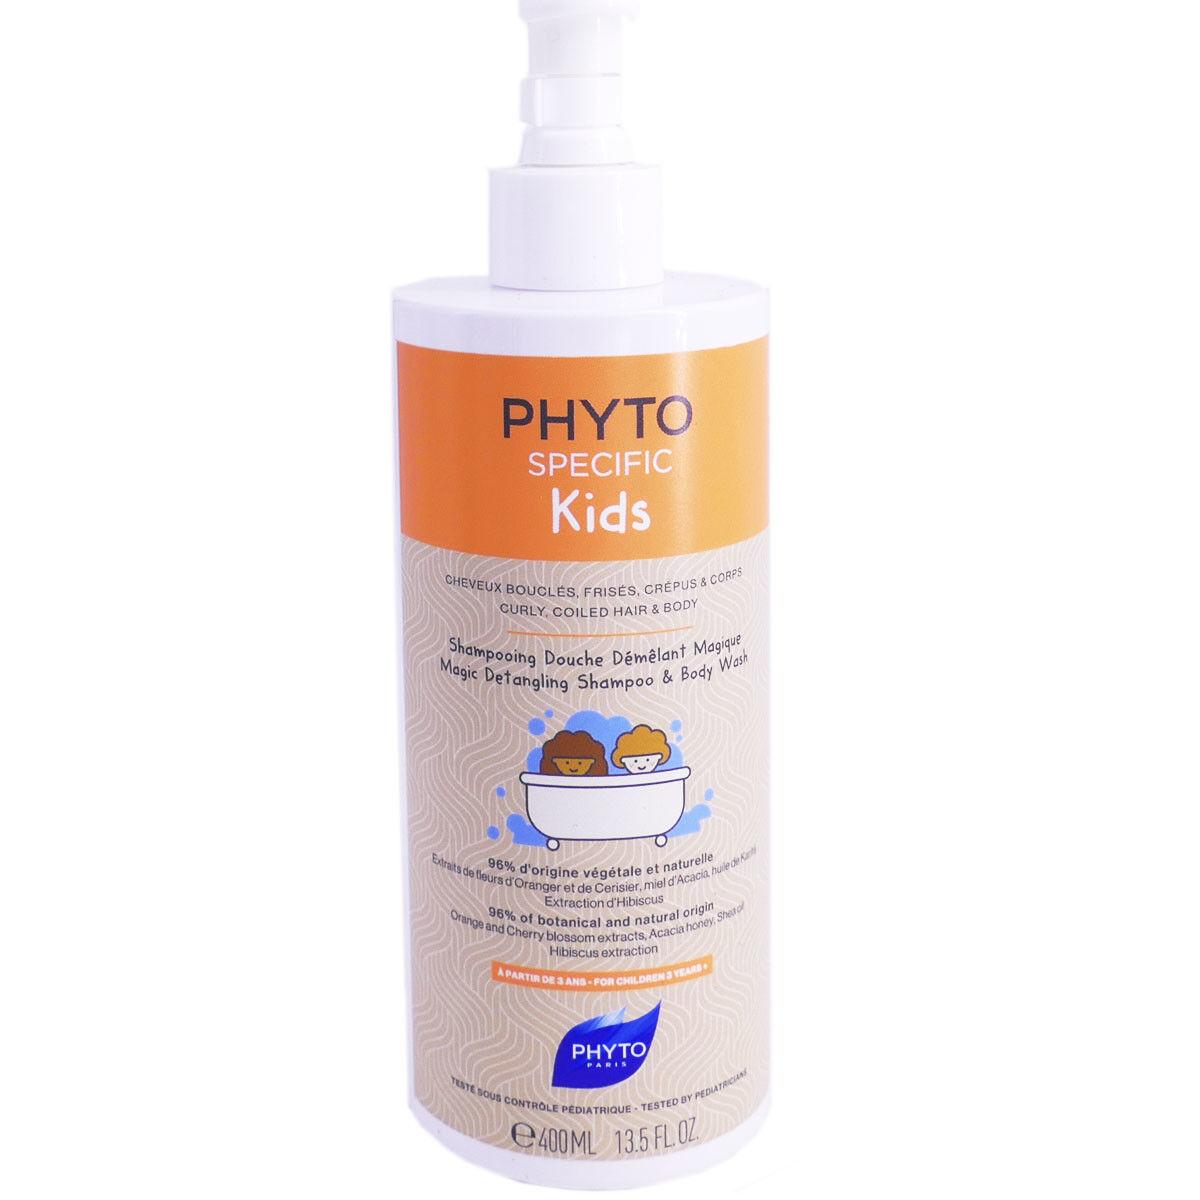 PHYTOSOLBA Phytospecific kids shampooing douche demelant 400ml